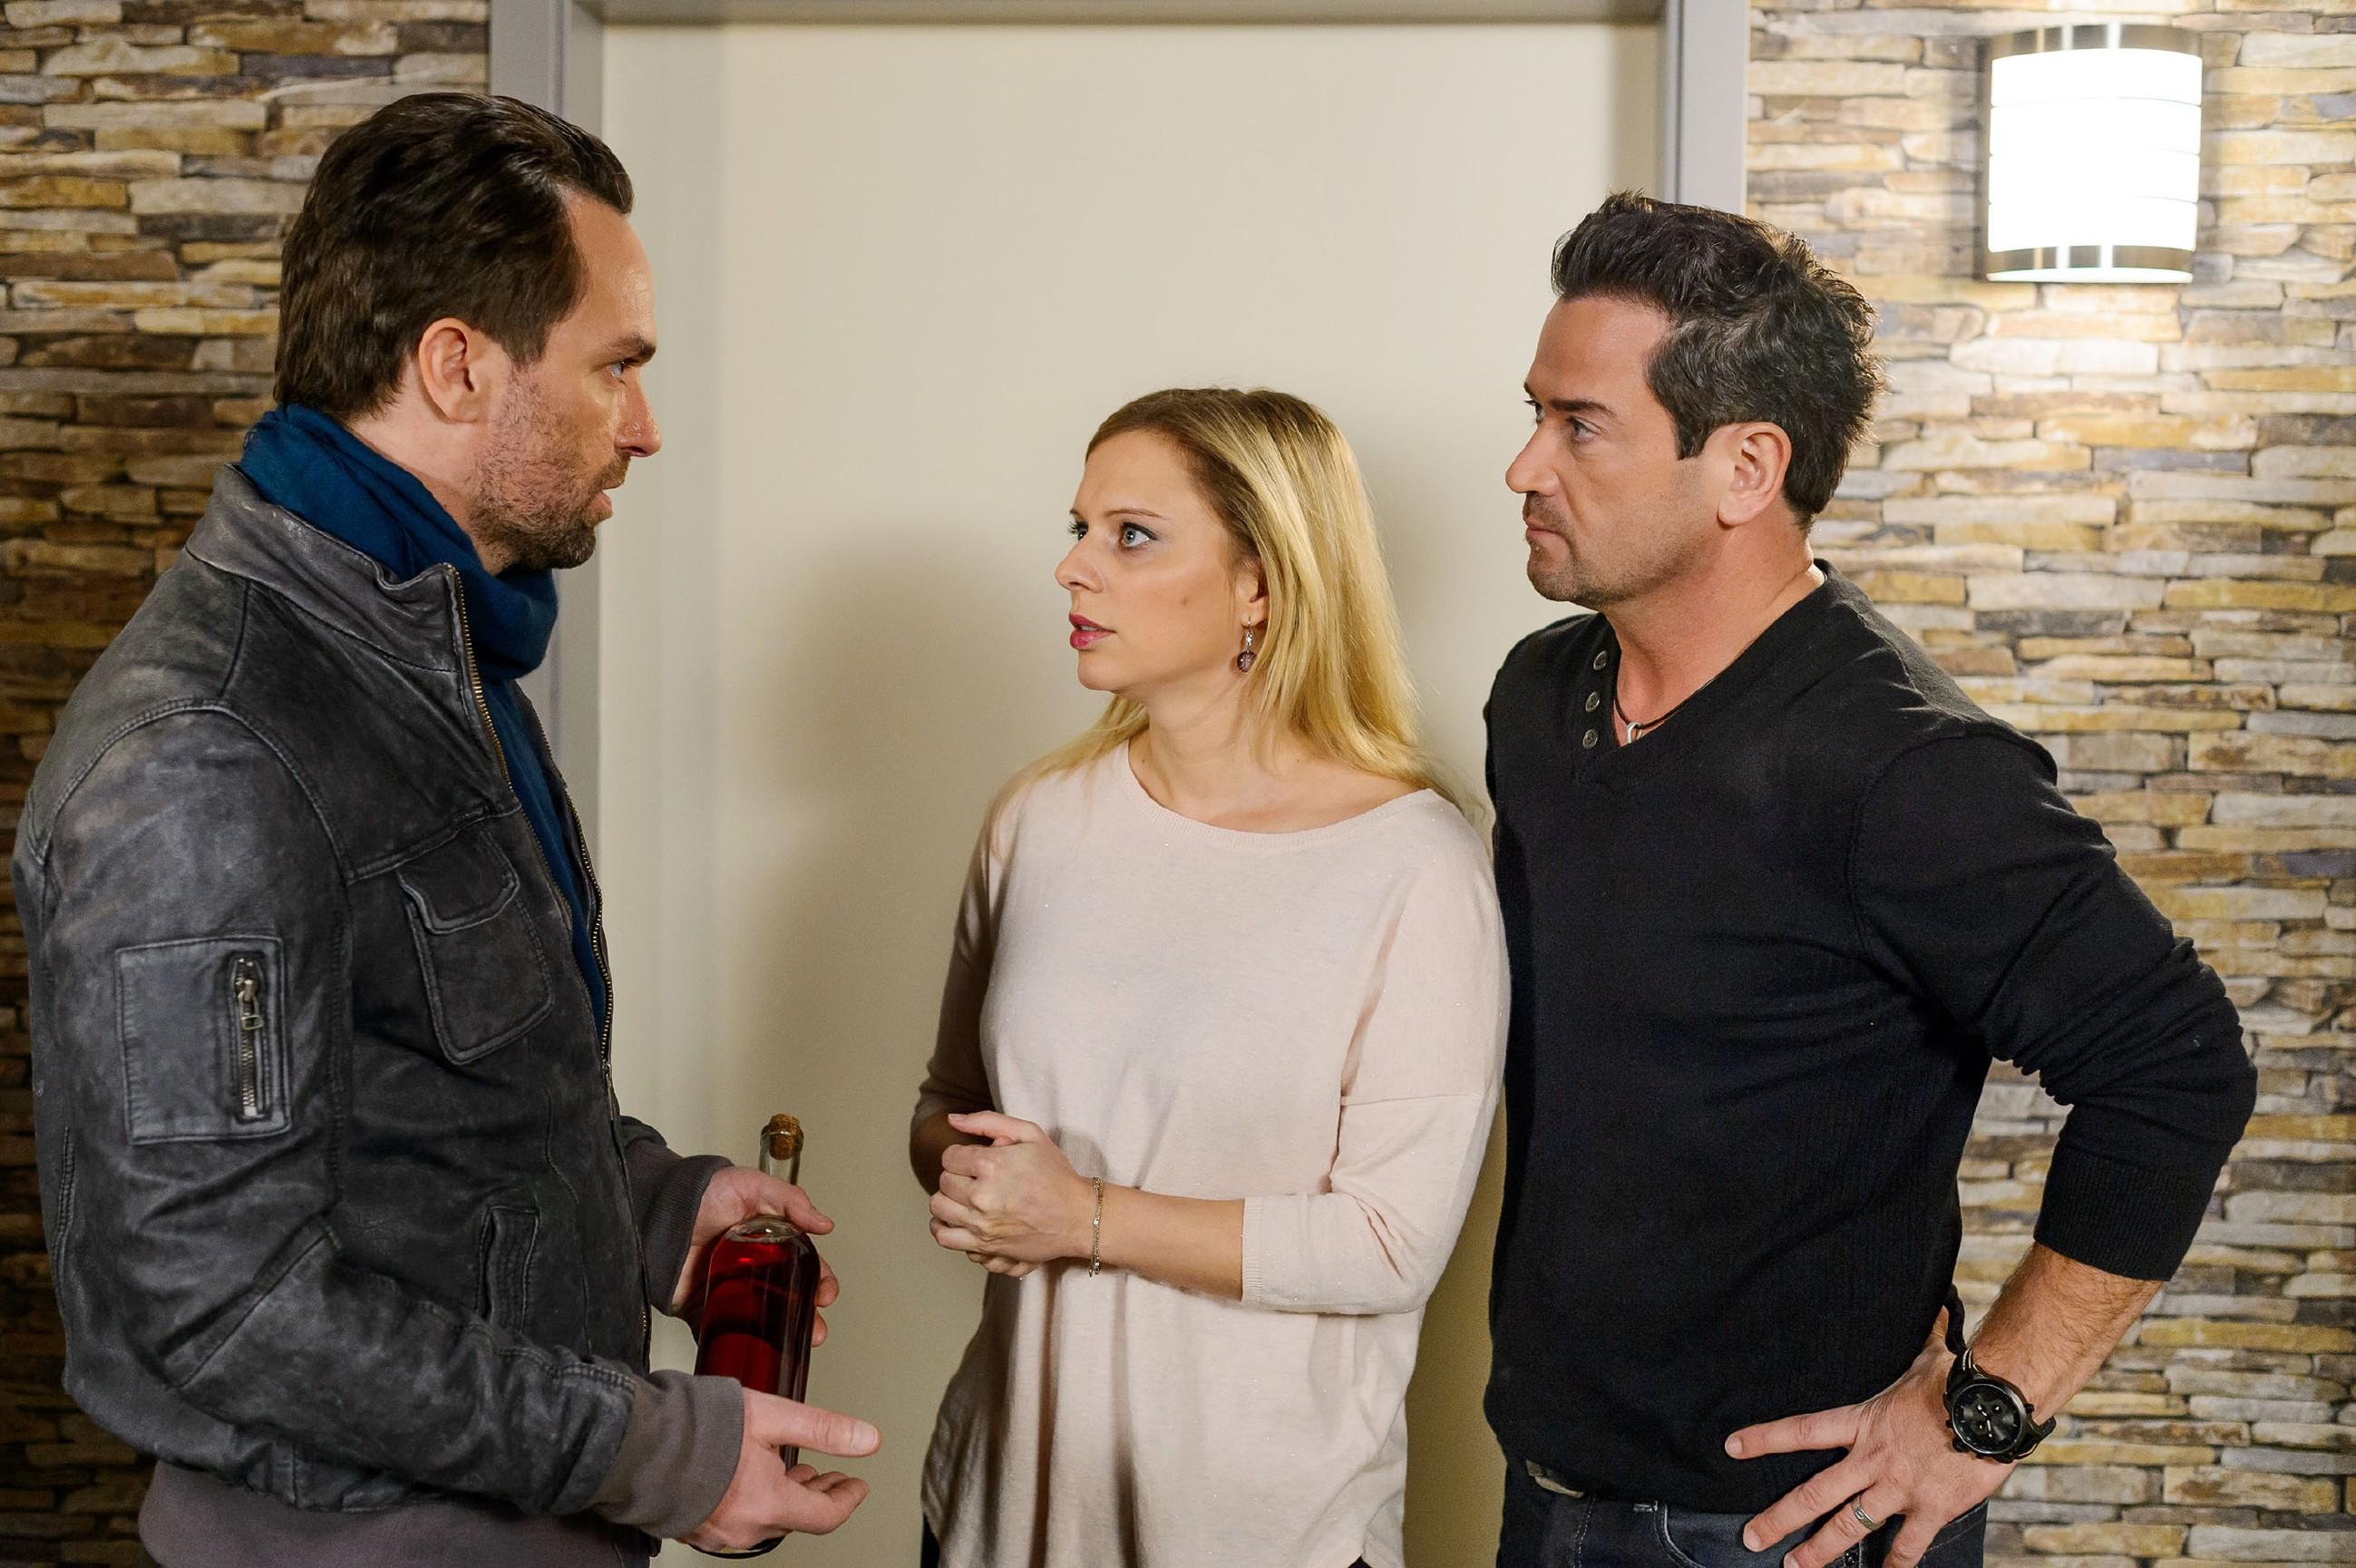 Thomas (Daniel Brockhaus, l.) verstärkt durch sein Verhalten unwillentlich Lenas (Juliette Greco) und Marians (Sam Eisenstein) Sorge um ihn. (Quelle: RTL / Willi Weber)